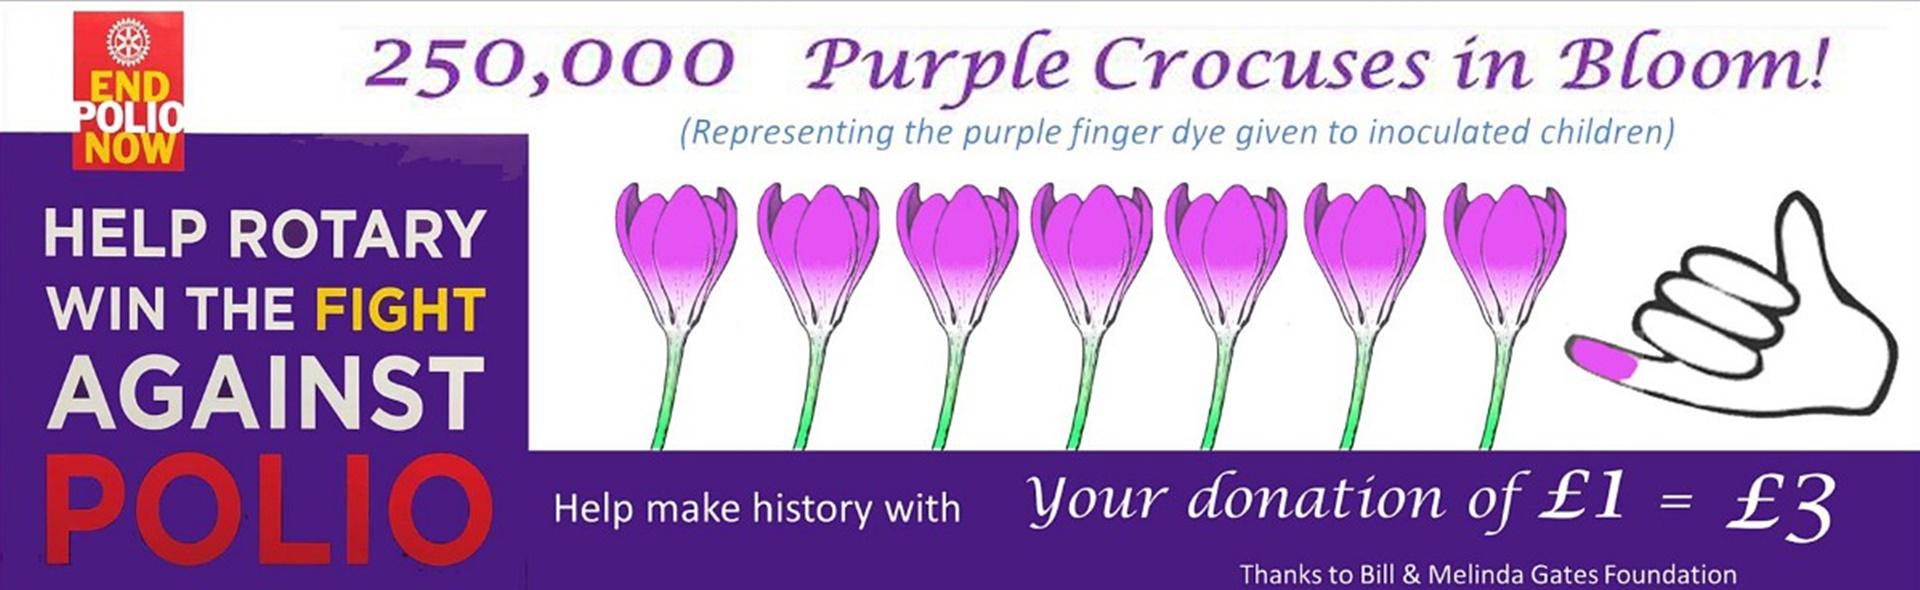 250,000 Crocuses in Bloom